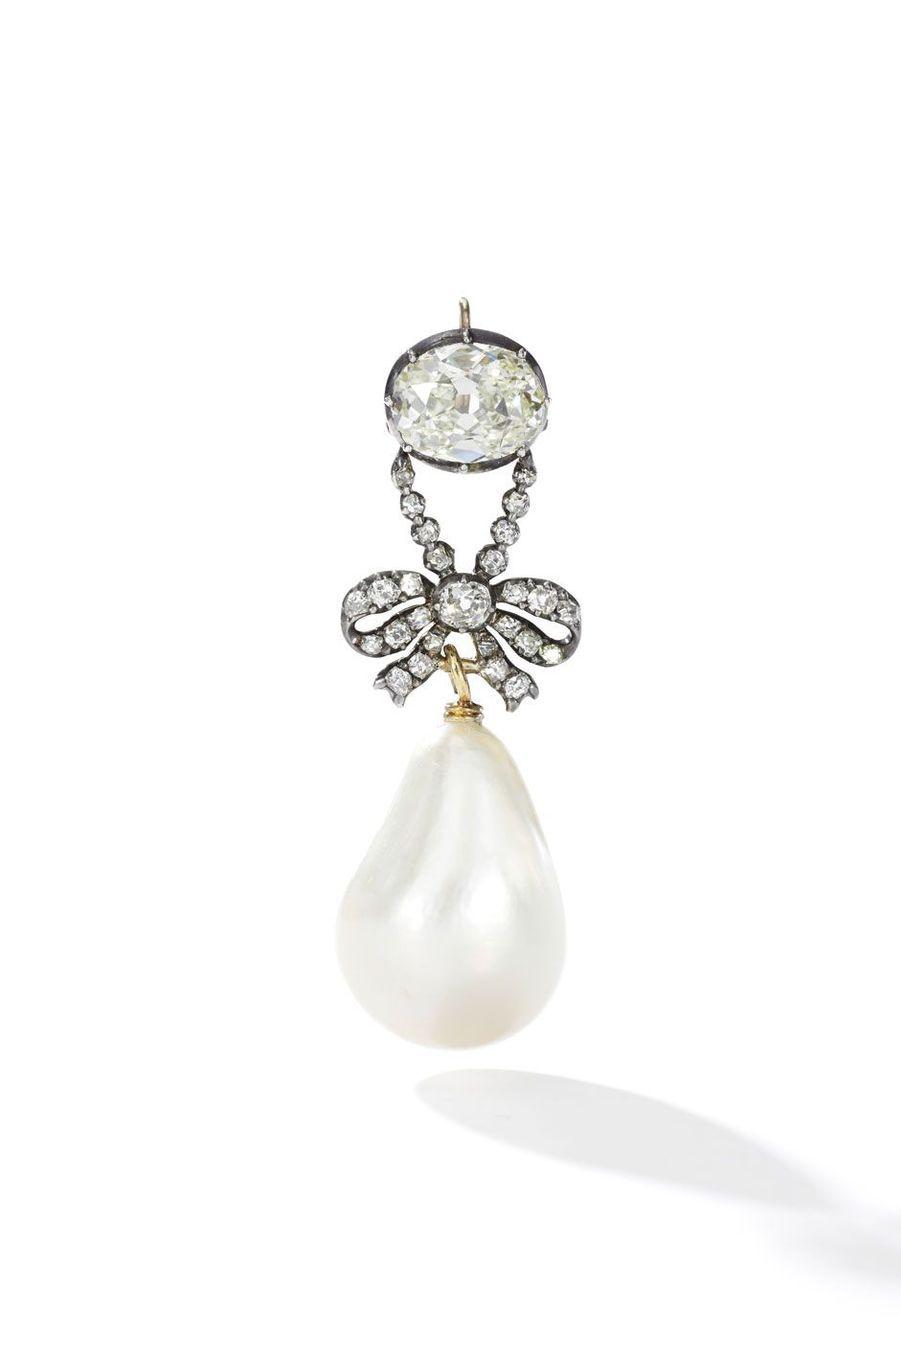 Bijoux de Marie-Antoinette : pendant en diamants avec une perle naturelle